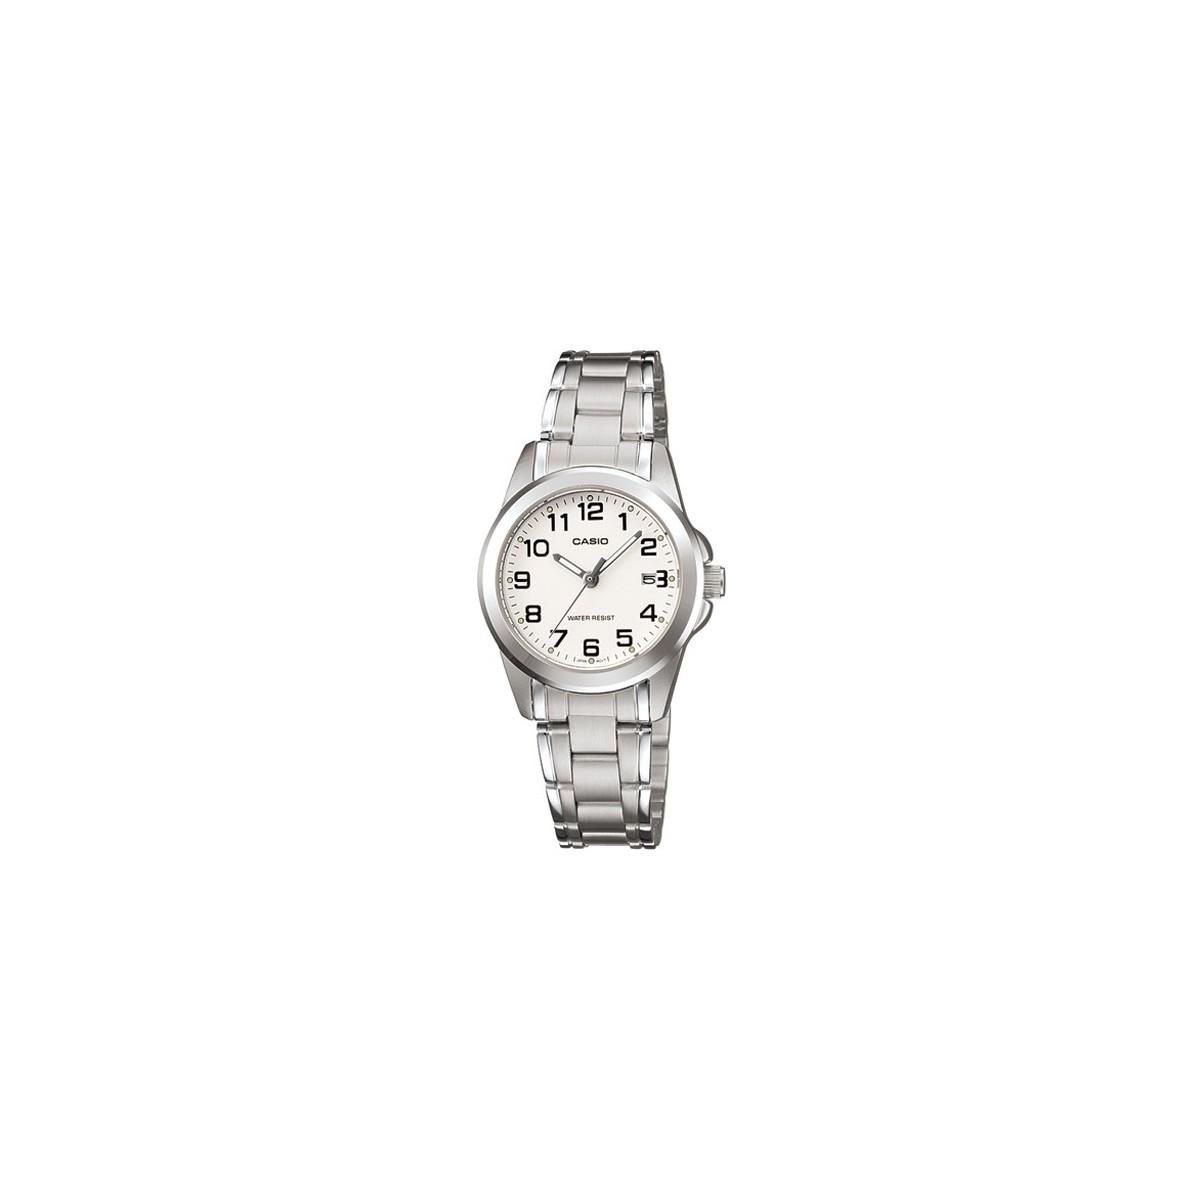 https://www.gaberjoyeria.com/3457-thickbox_default/reloj-casio-mujer.jpg